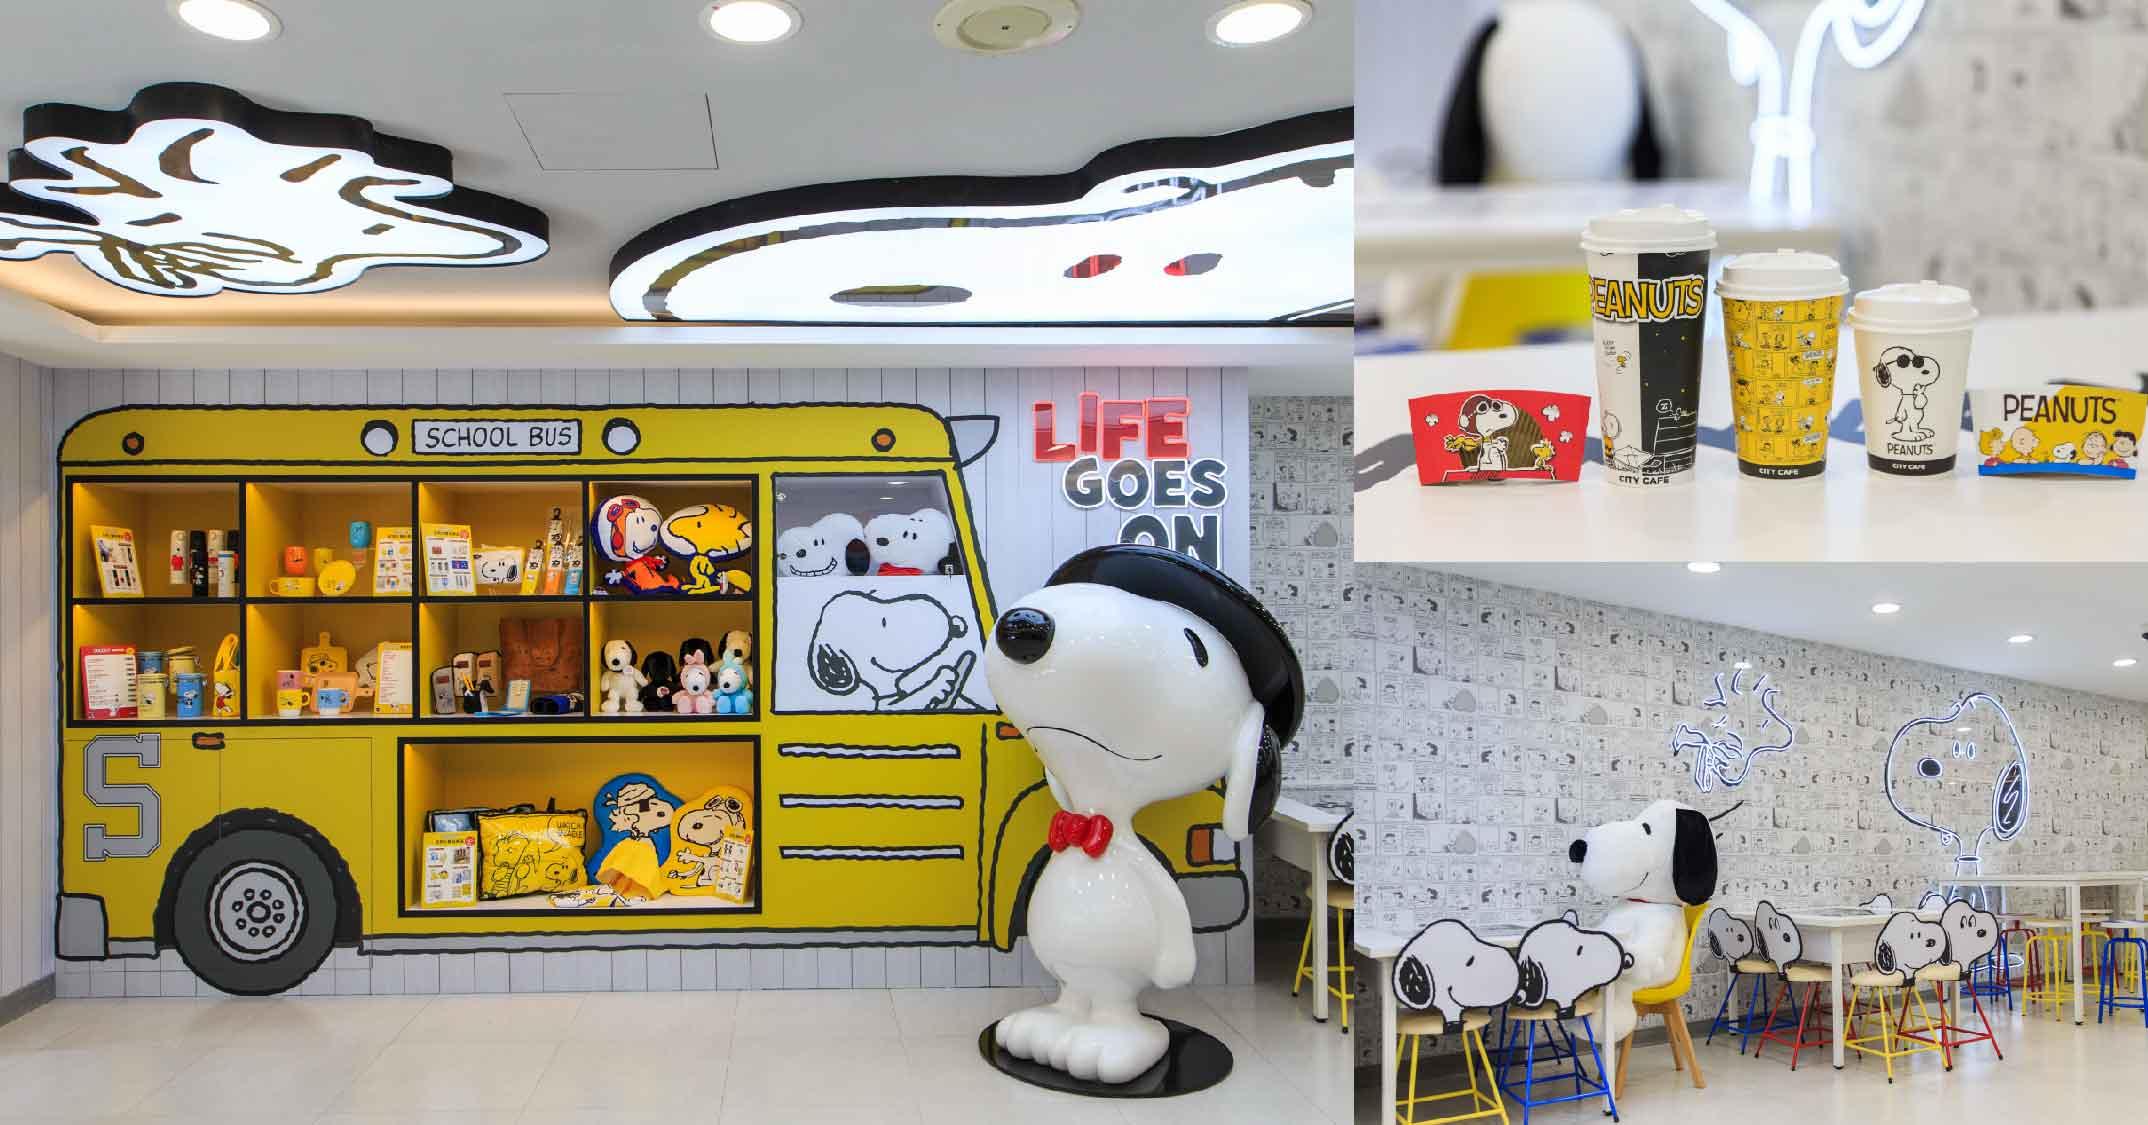 7-11聯名「史努比」華山主題店超萌登場!大型玩偶、多款專屬設計商品簡直鐵粉天堂!